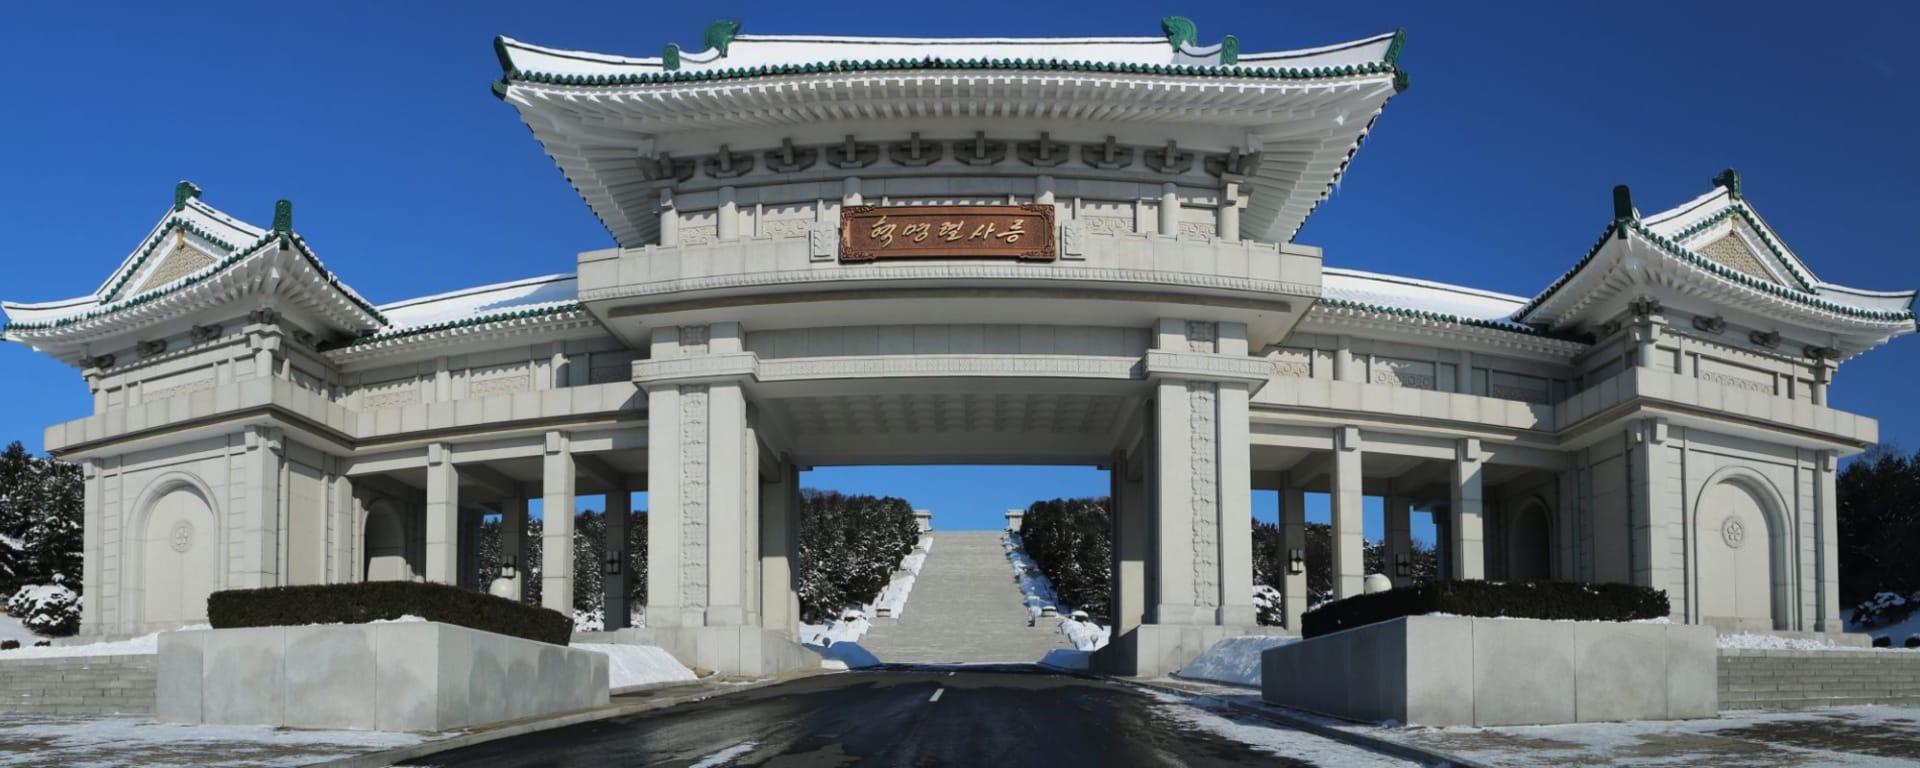 Nordkorea Kompakt ab Pyongyang: Monument in North Korea